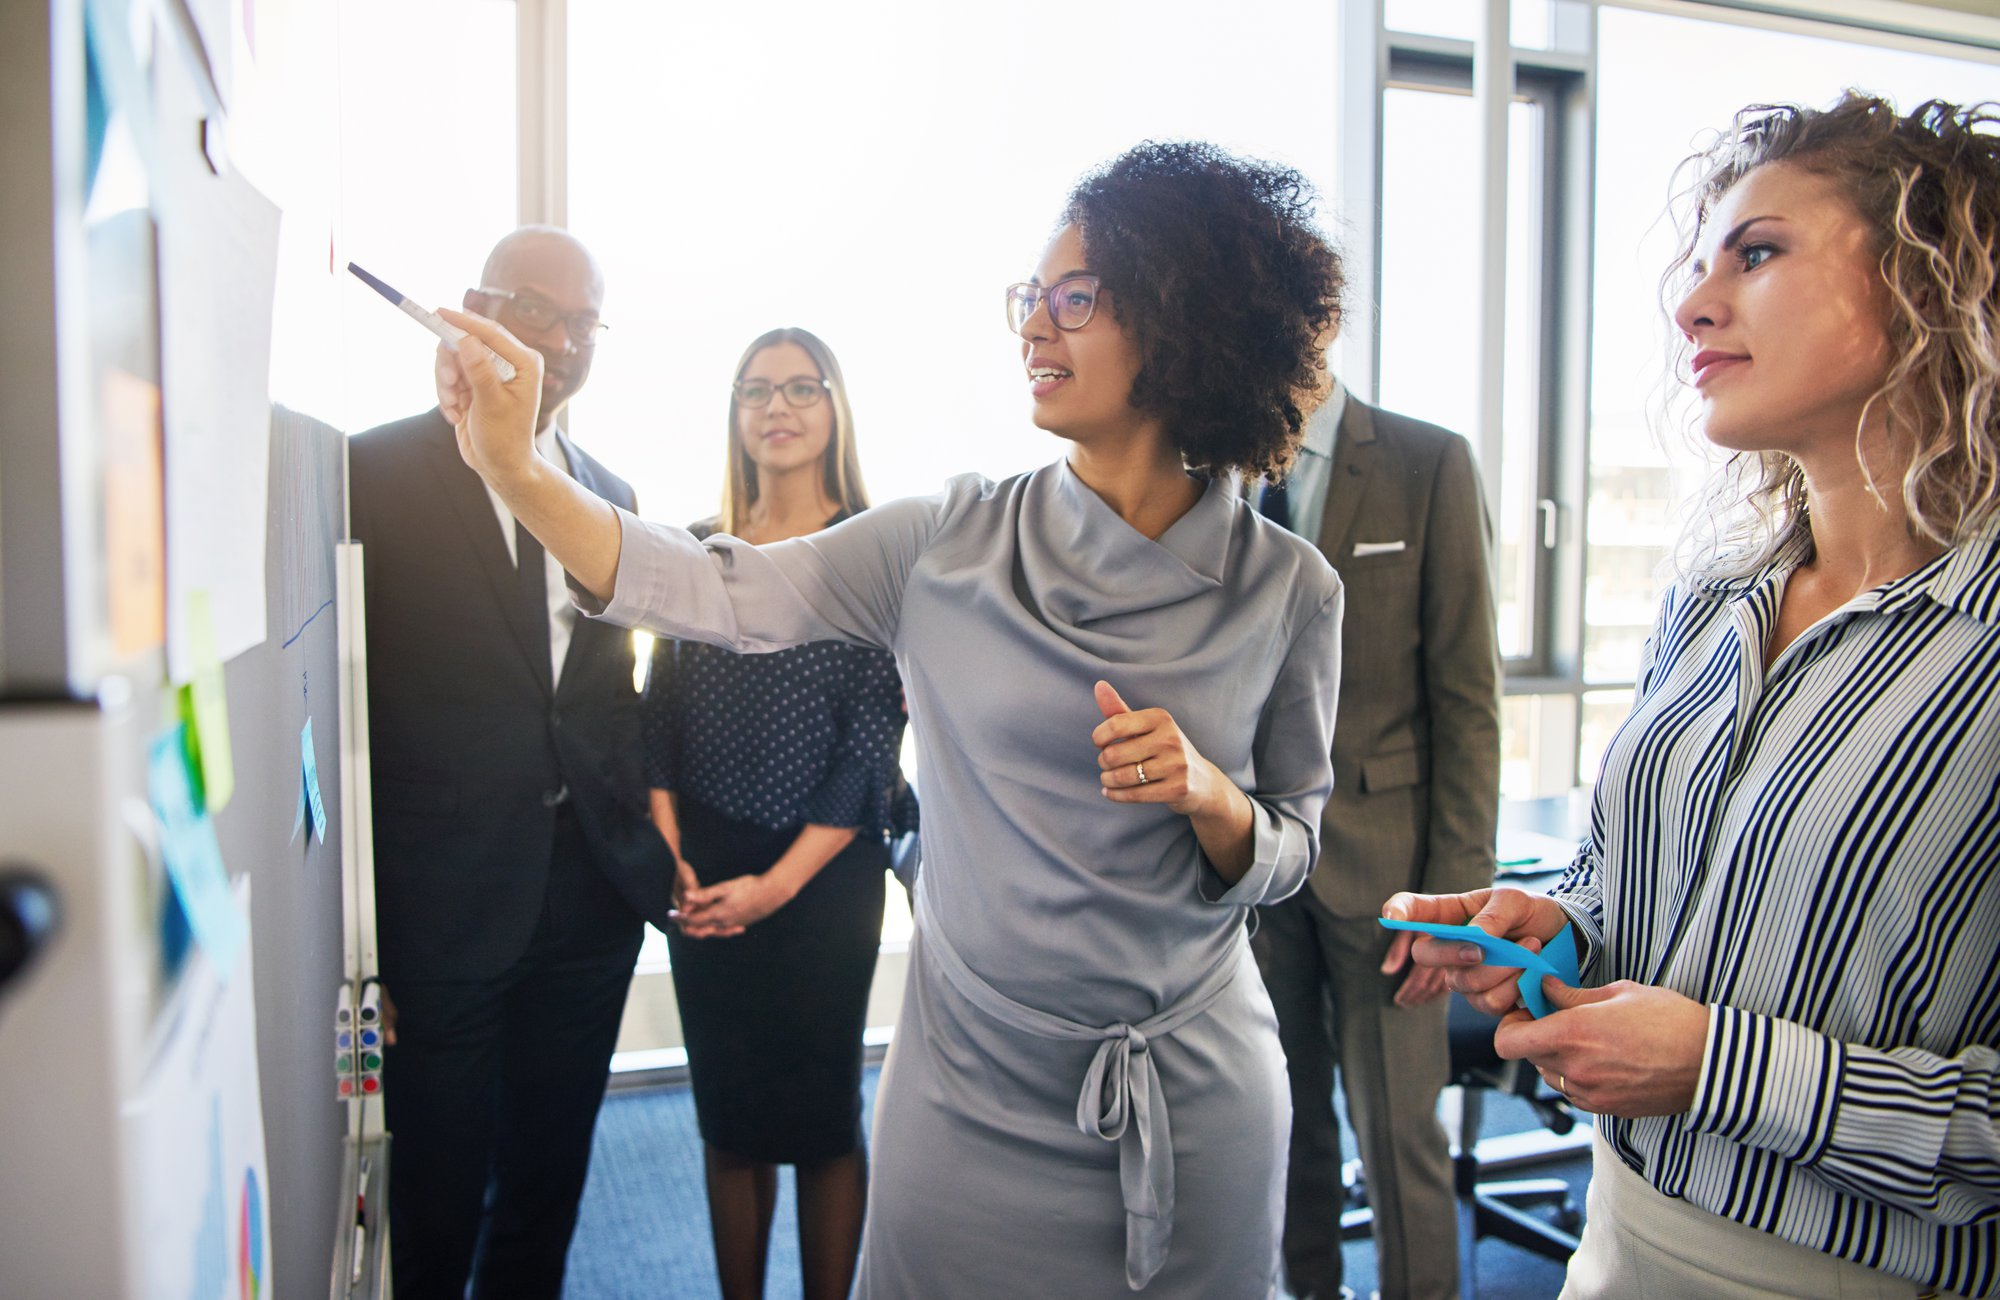 Wijzigende bedrijfsculturen vragen verandering in de manier van leidinggeven